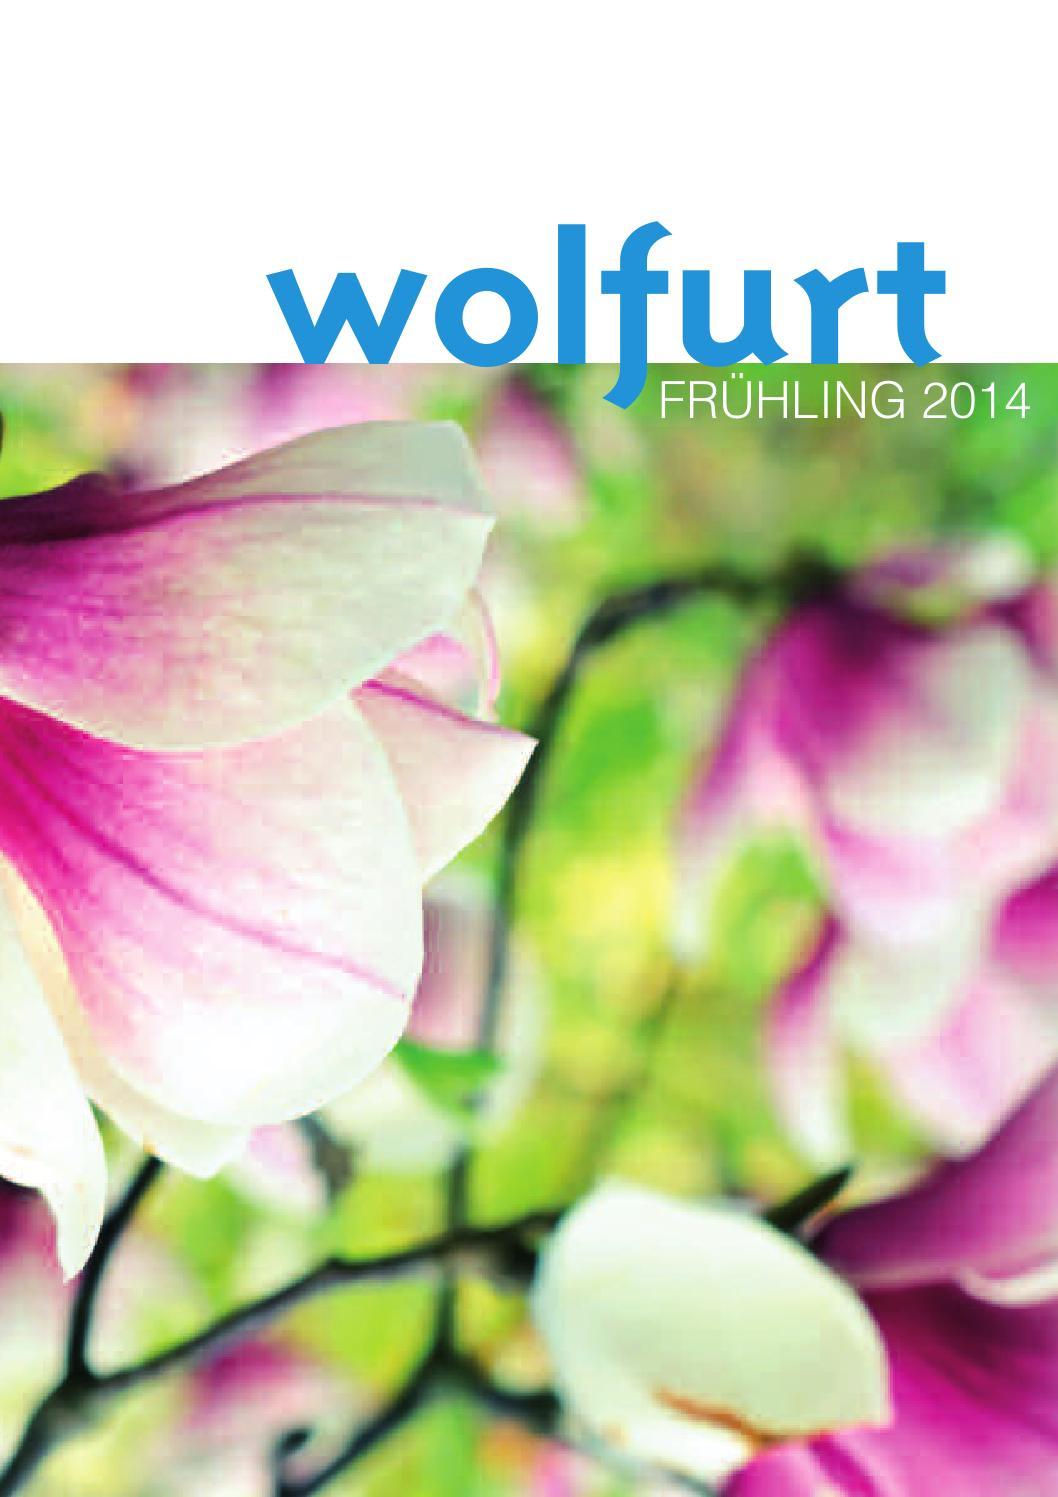 partnerin in Wolfurt - Bekanntschaften - Partnersuche